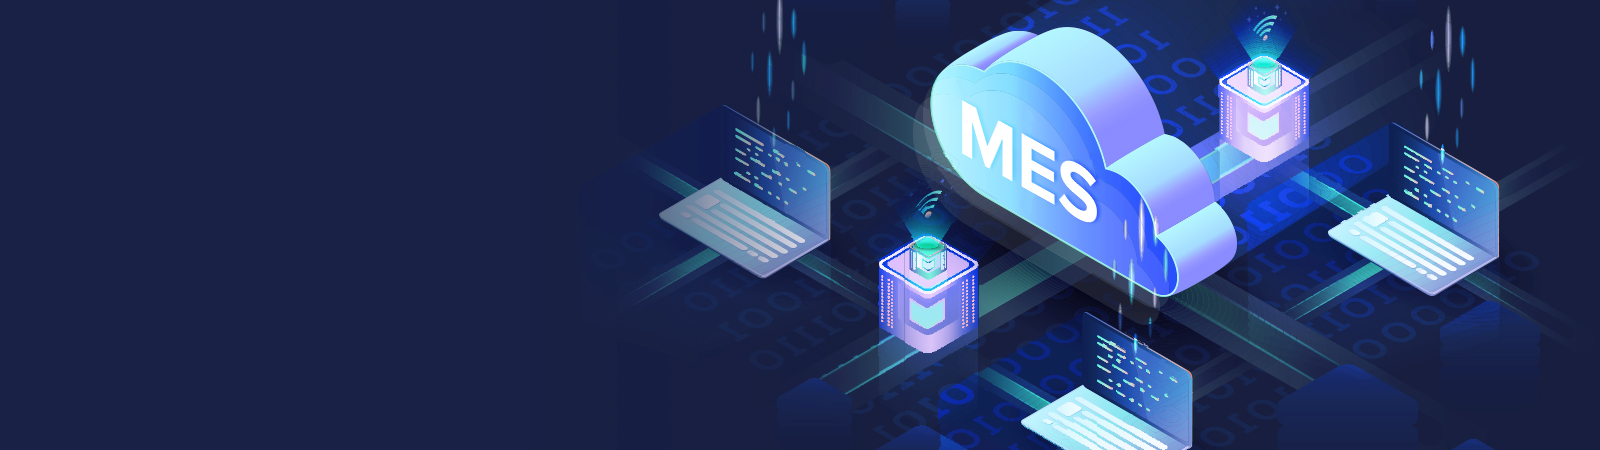 Ihre MES-Daten in einer sicheren Cloud